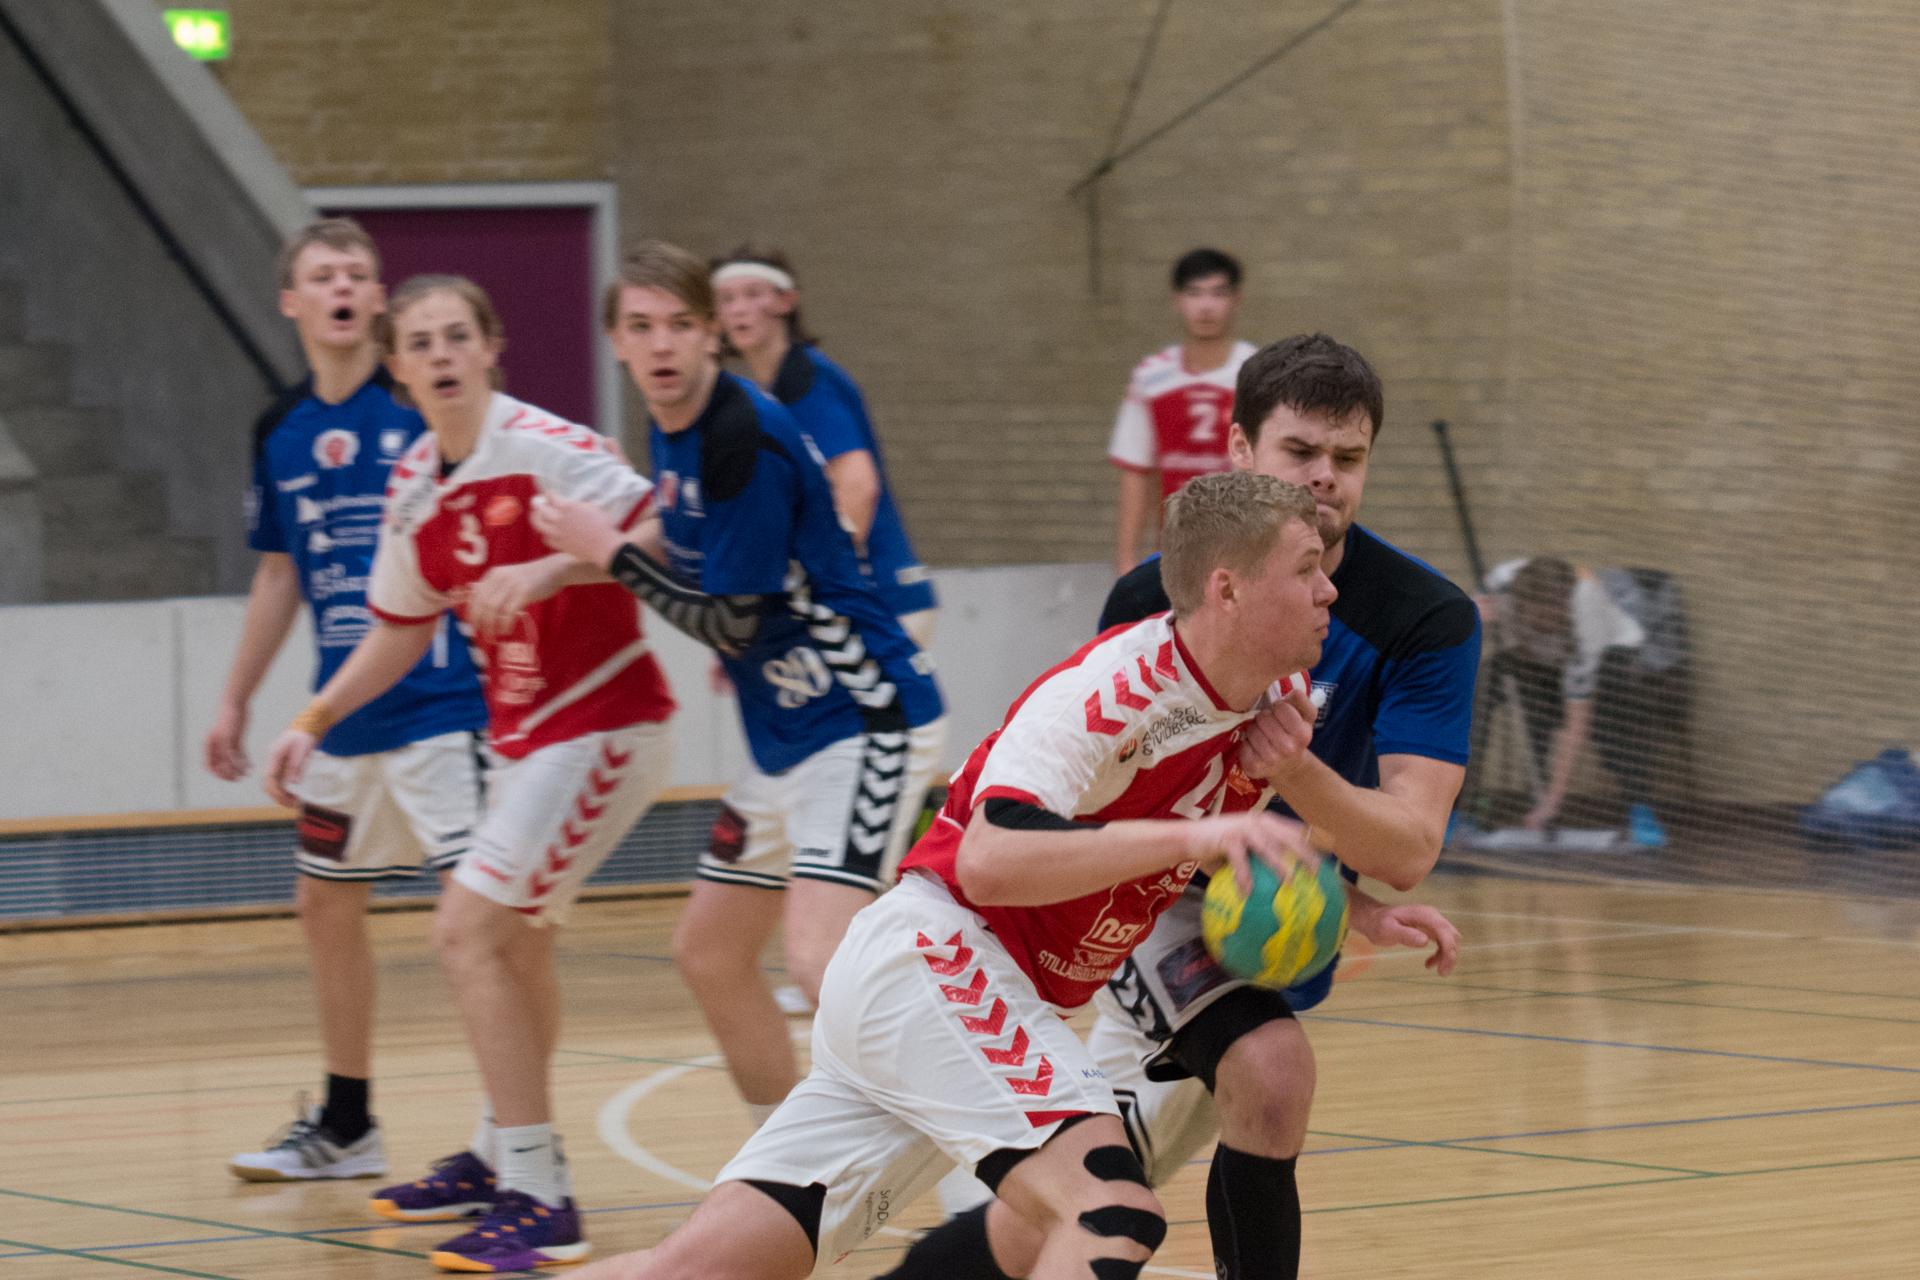 Aalborg Håndbold vs HF Mors U18